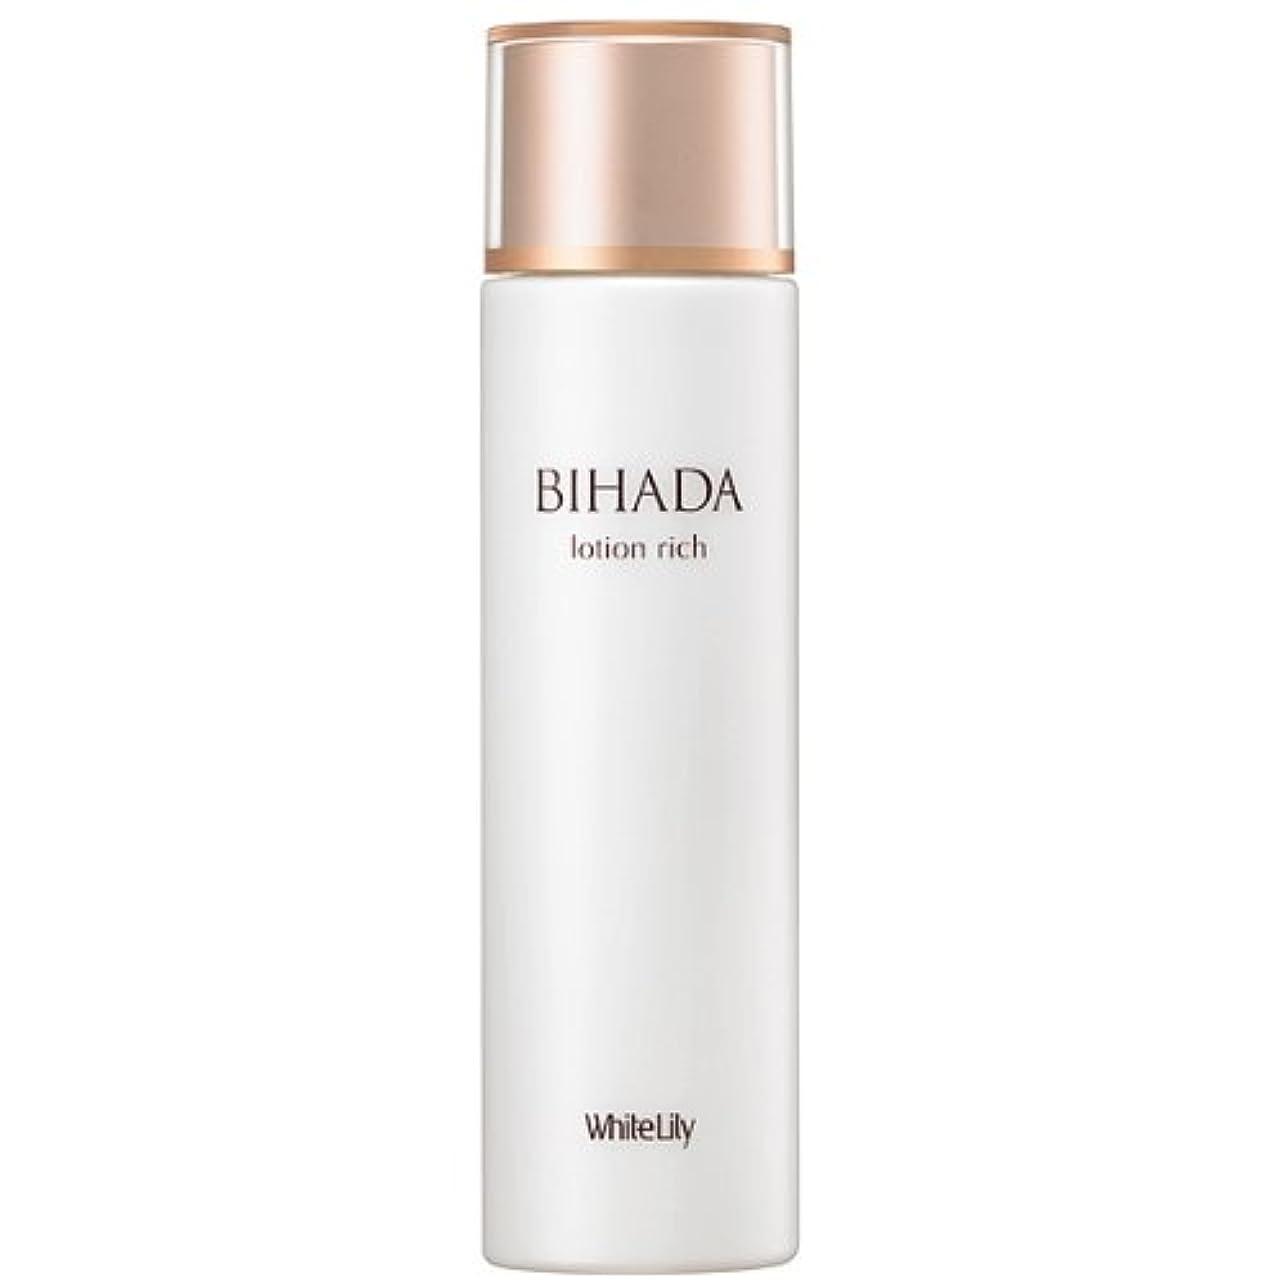 説得援助する大量ホワイトリリー BIHADAローションリッチ 155mL 化粧水